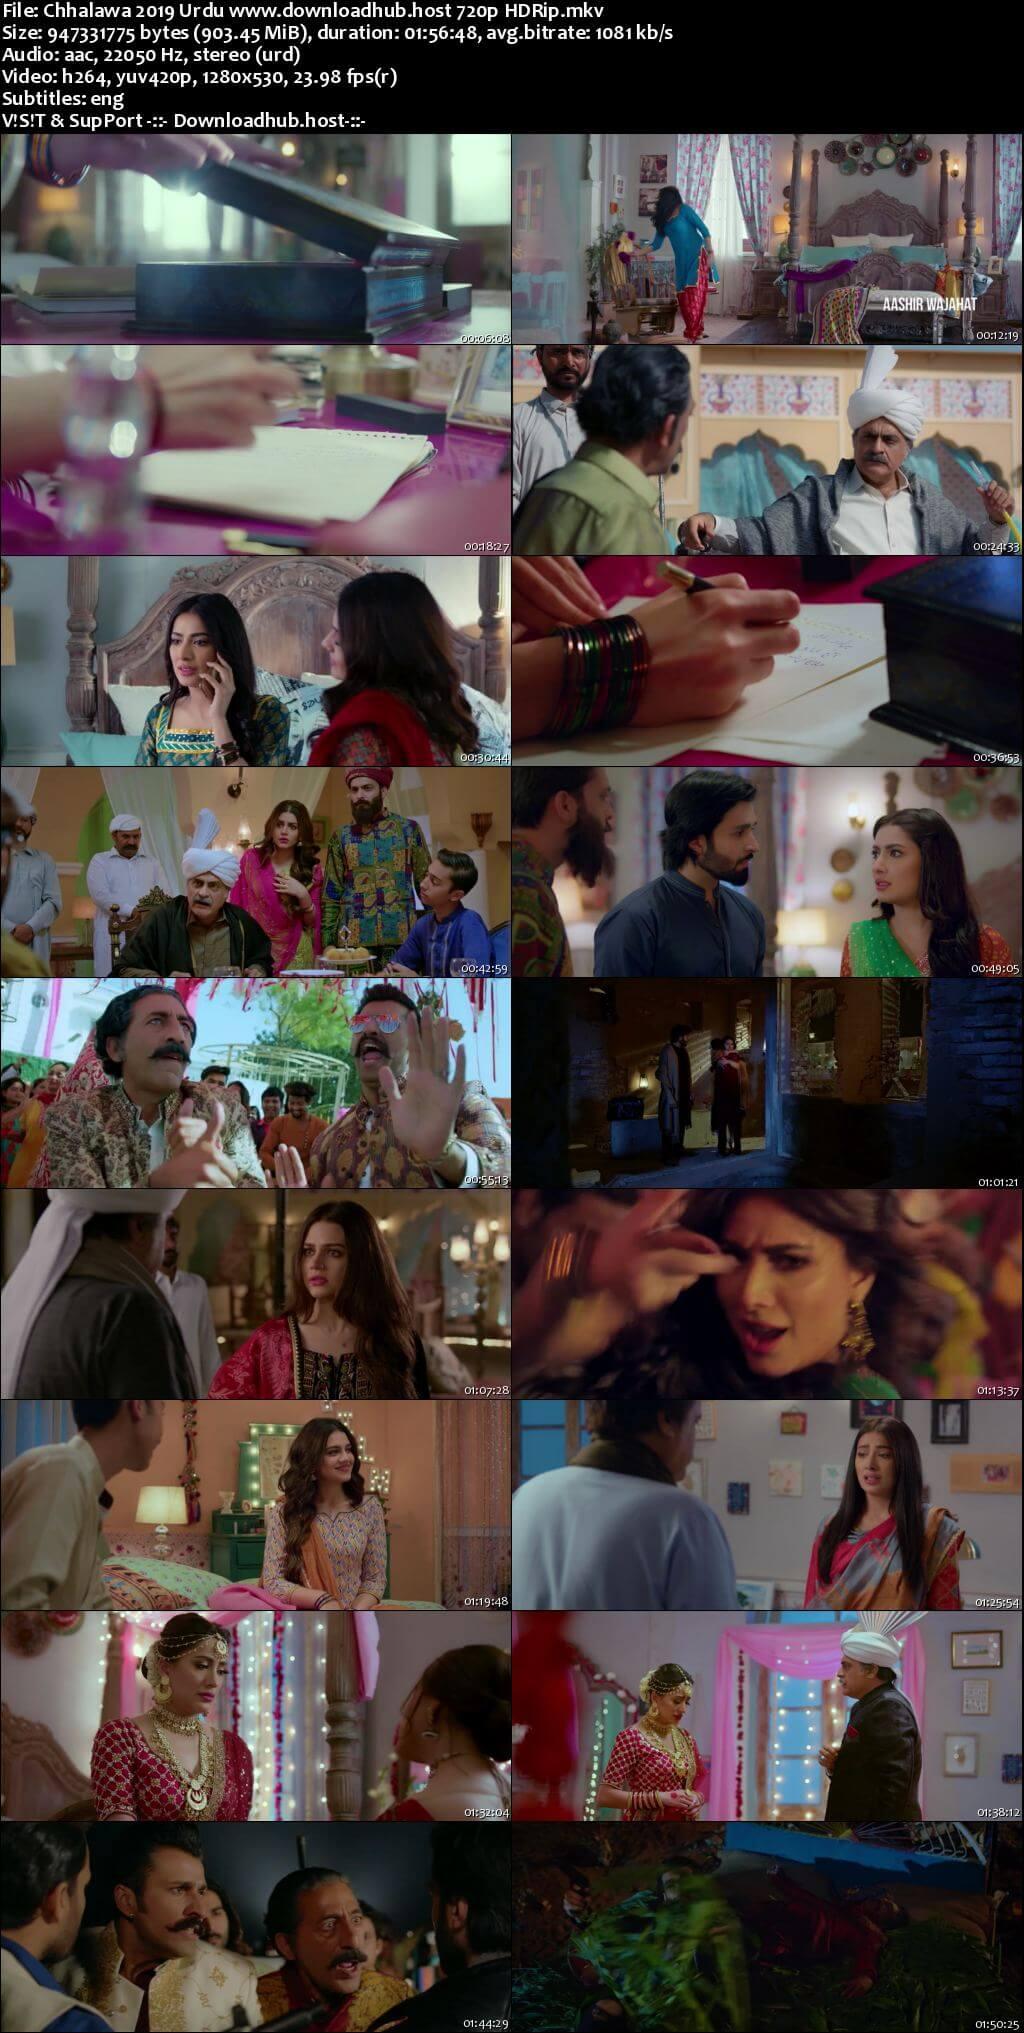 Chhalawa 2019 Urdu 720p HDRip ESubs